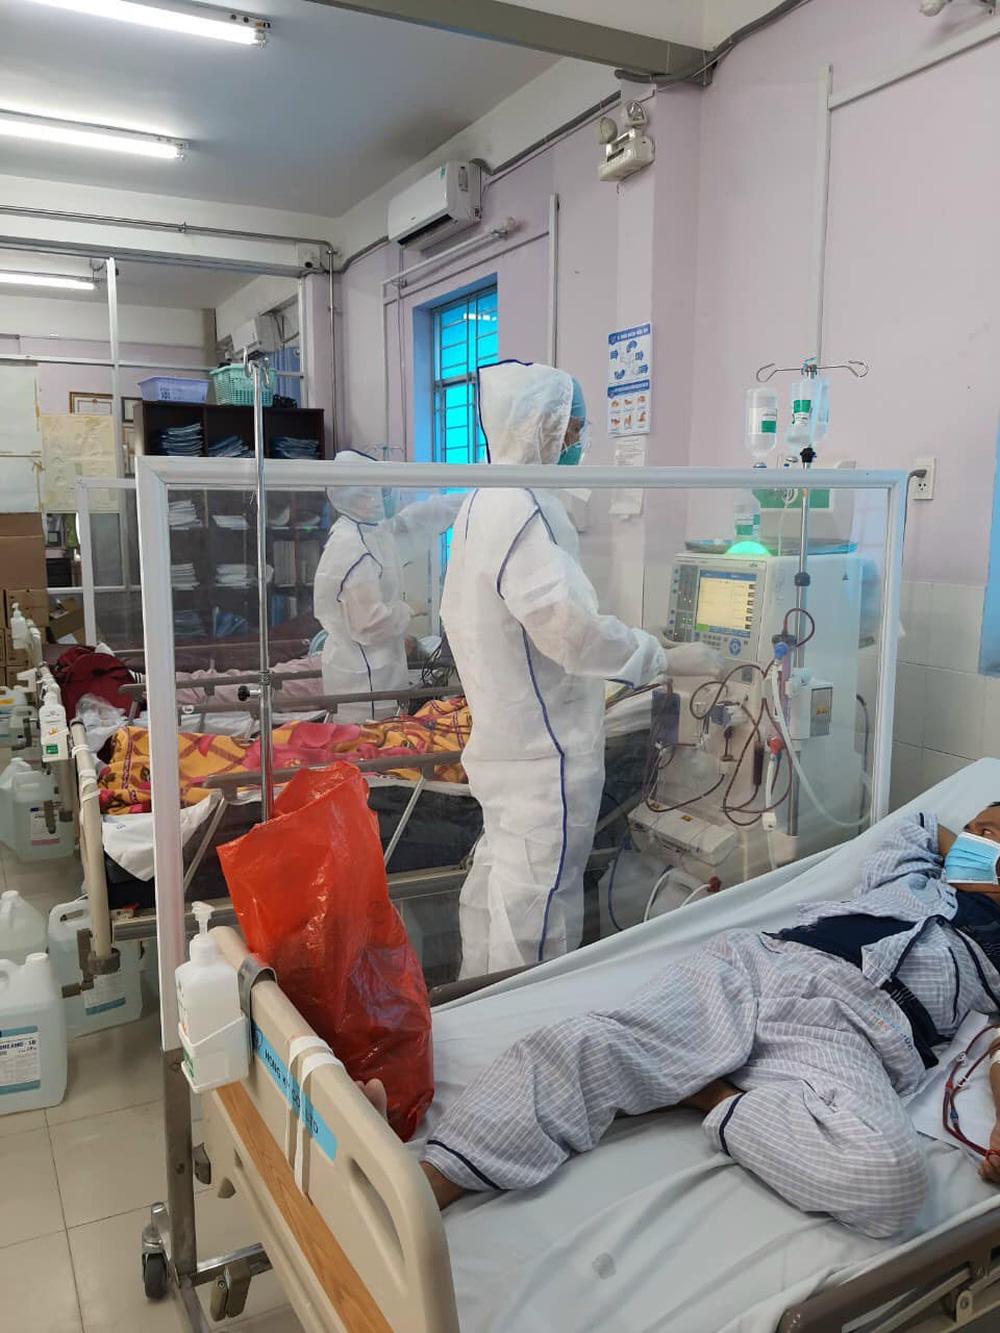 F0 bị ung thư: 'Cuộc chiến kép' của những bệnh nhân cận kề cửa tử - Ảnh 1